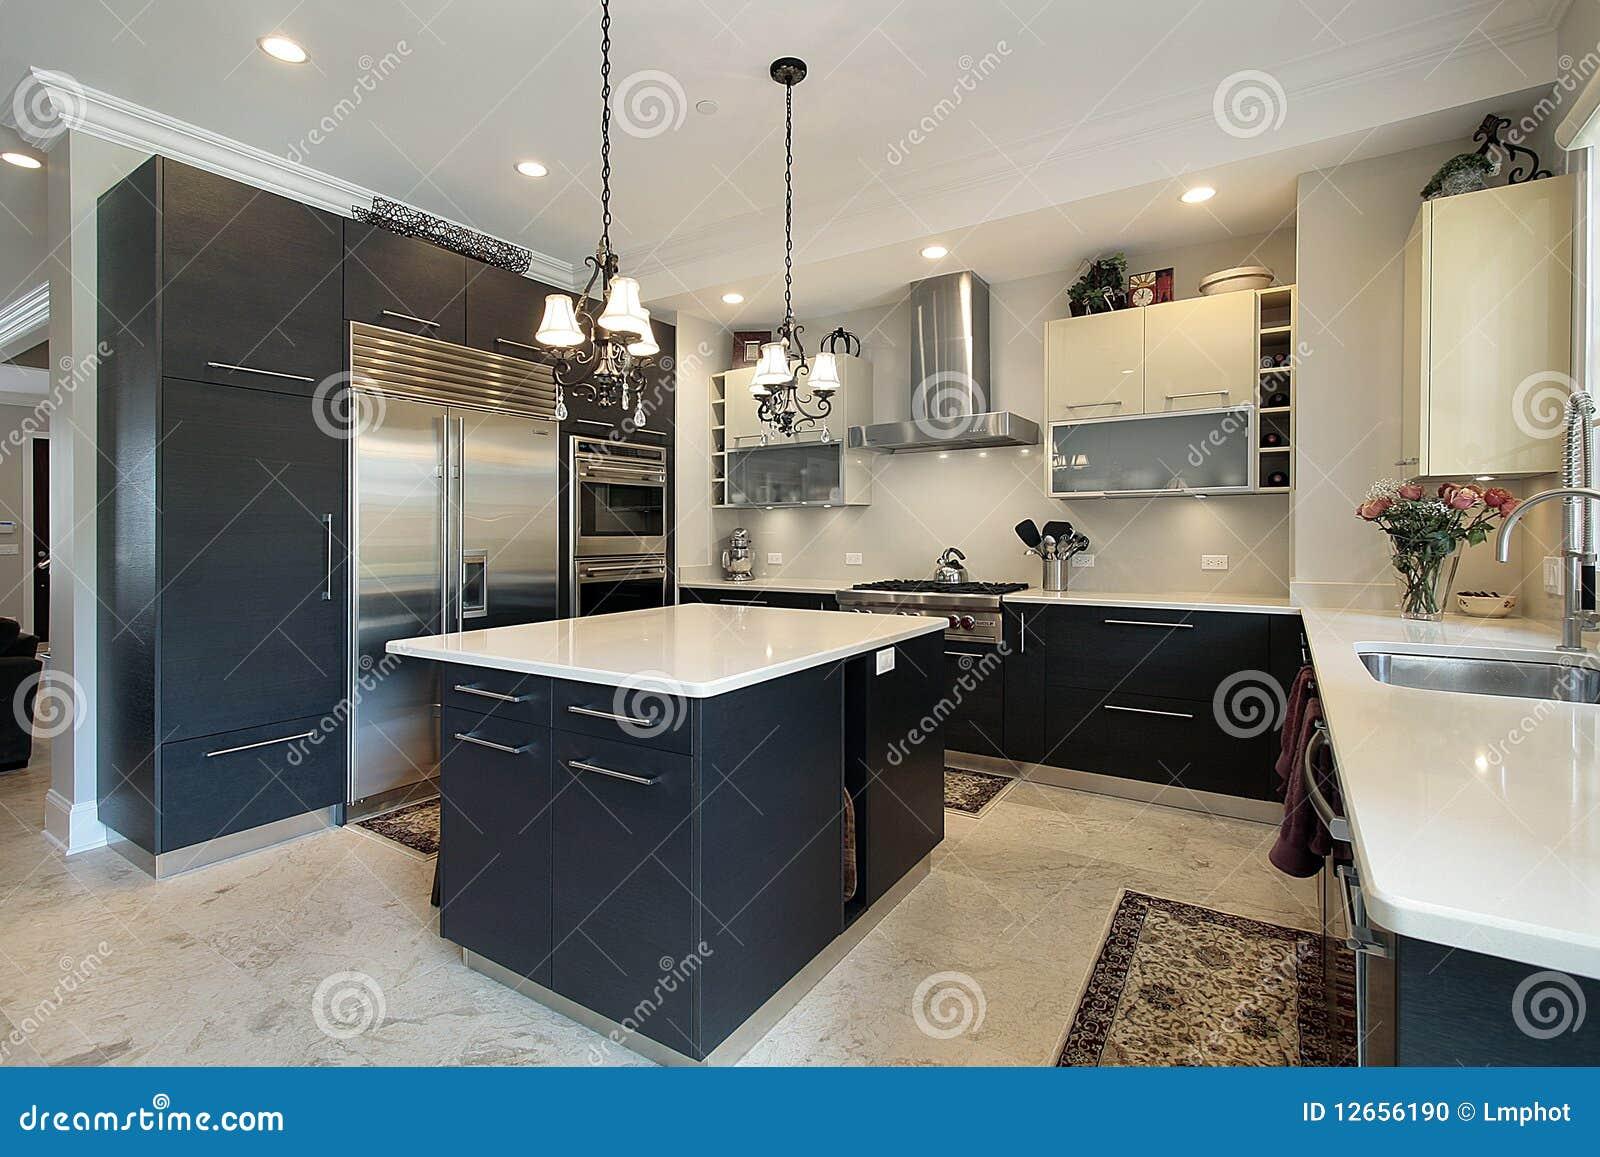 Keuken Met Zwarte Kabinetten Stock Foto - Afbeelding: 12656190